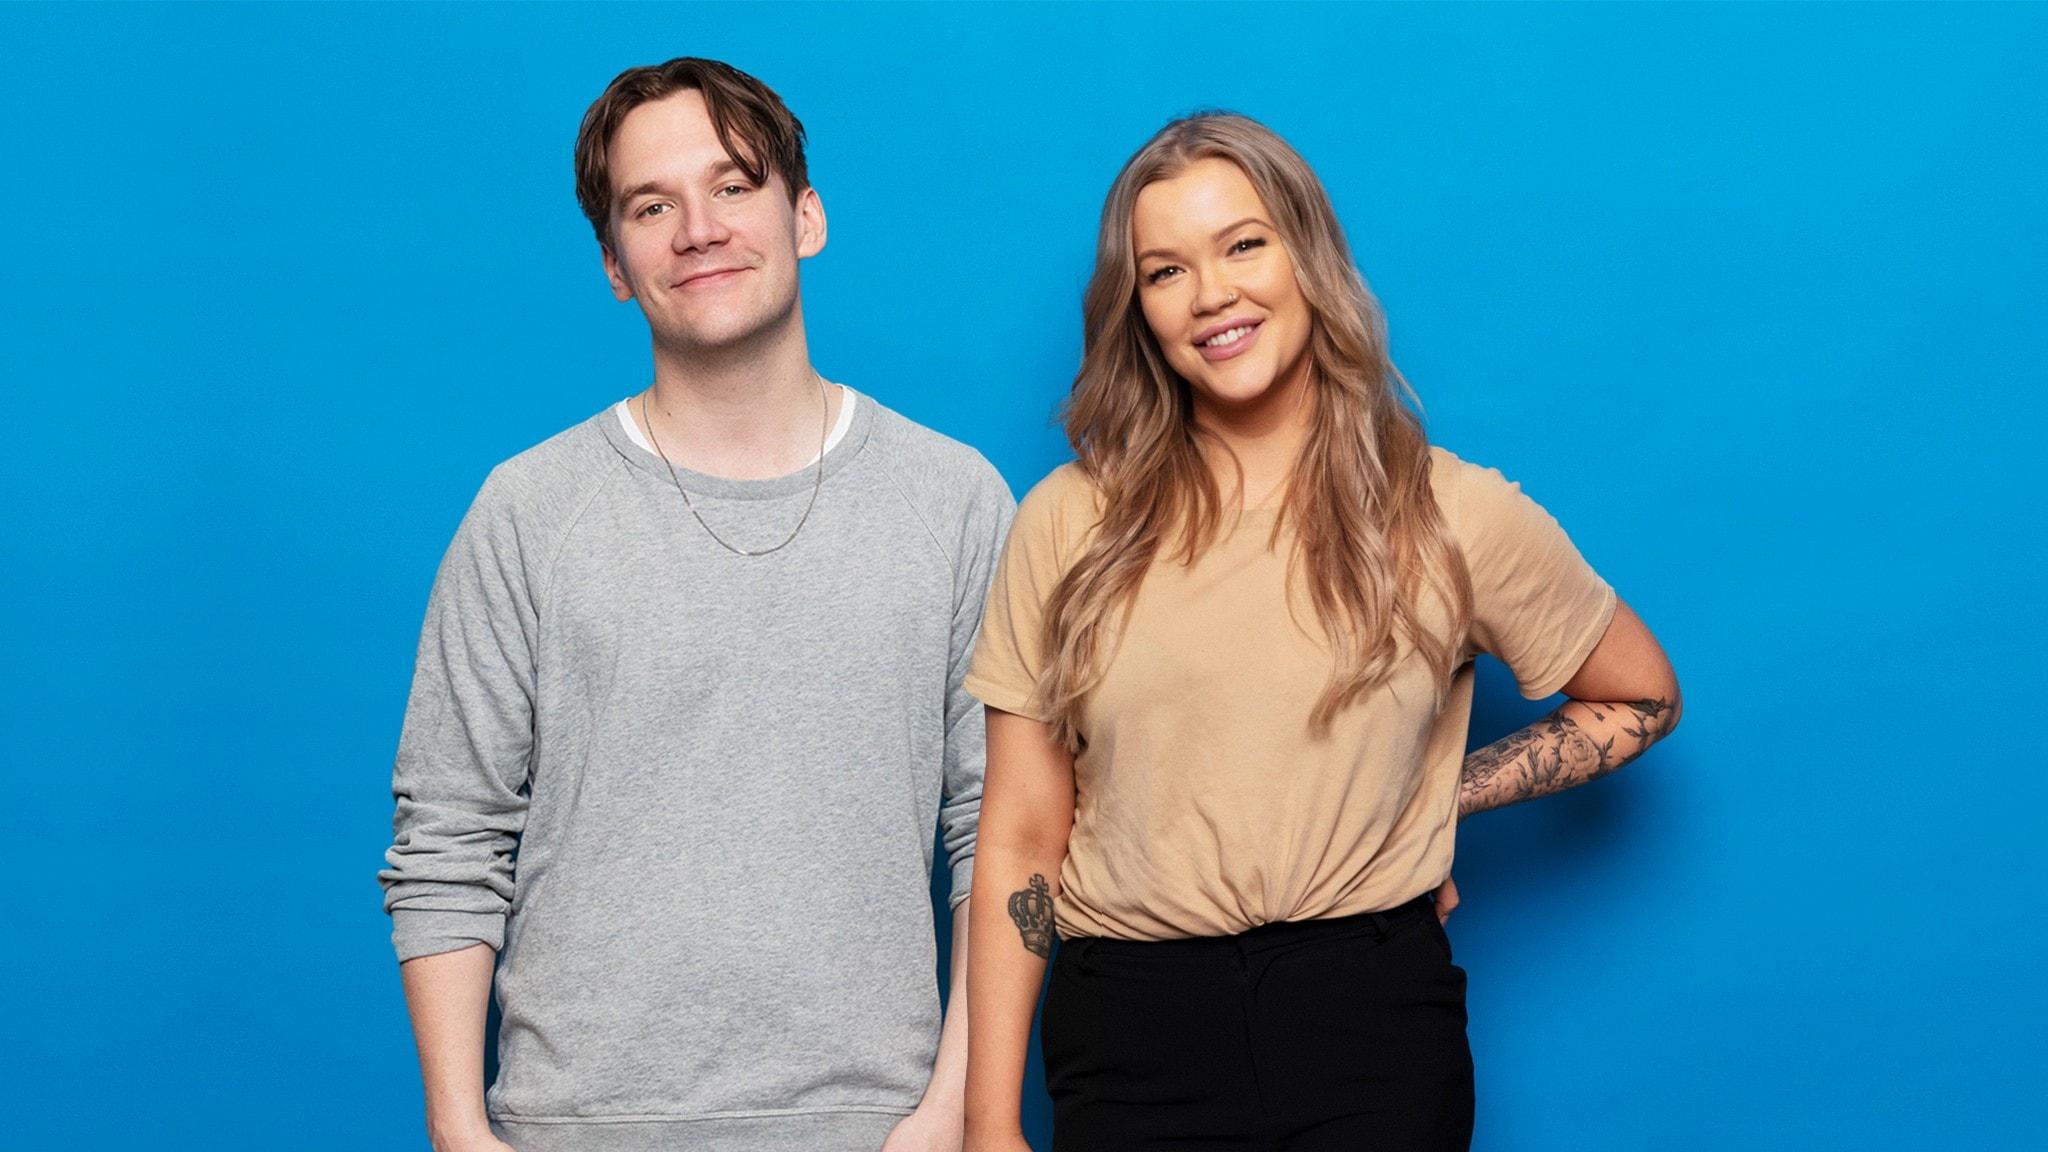 Pressbild på Isabelle och Christopher som står och ler framför en blå fotovägg.